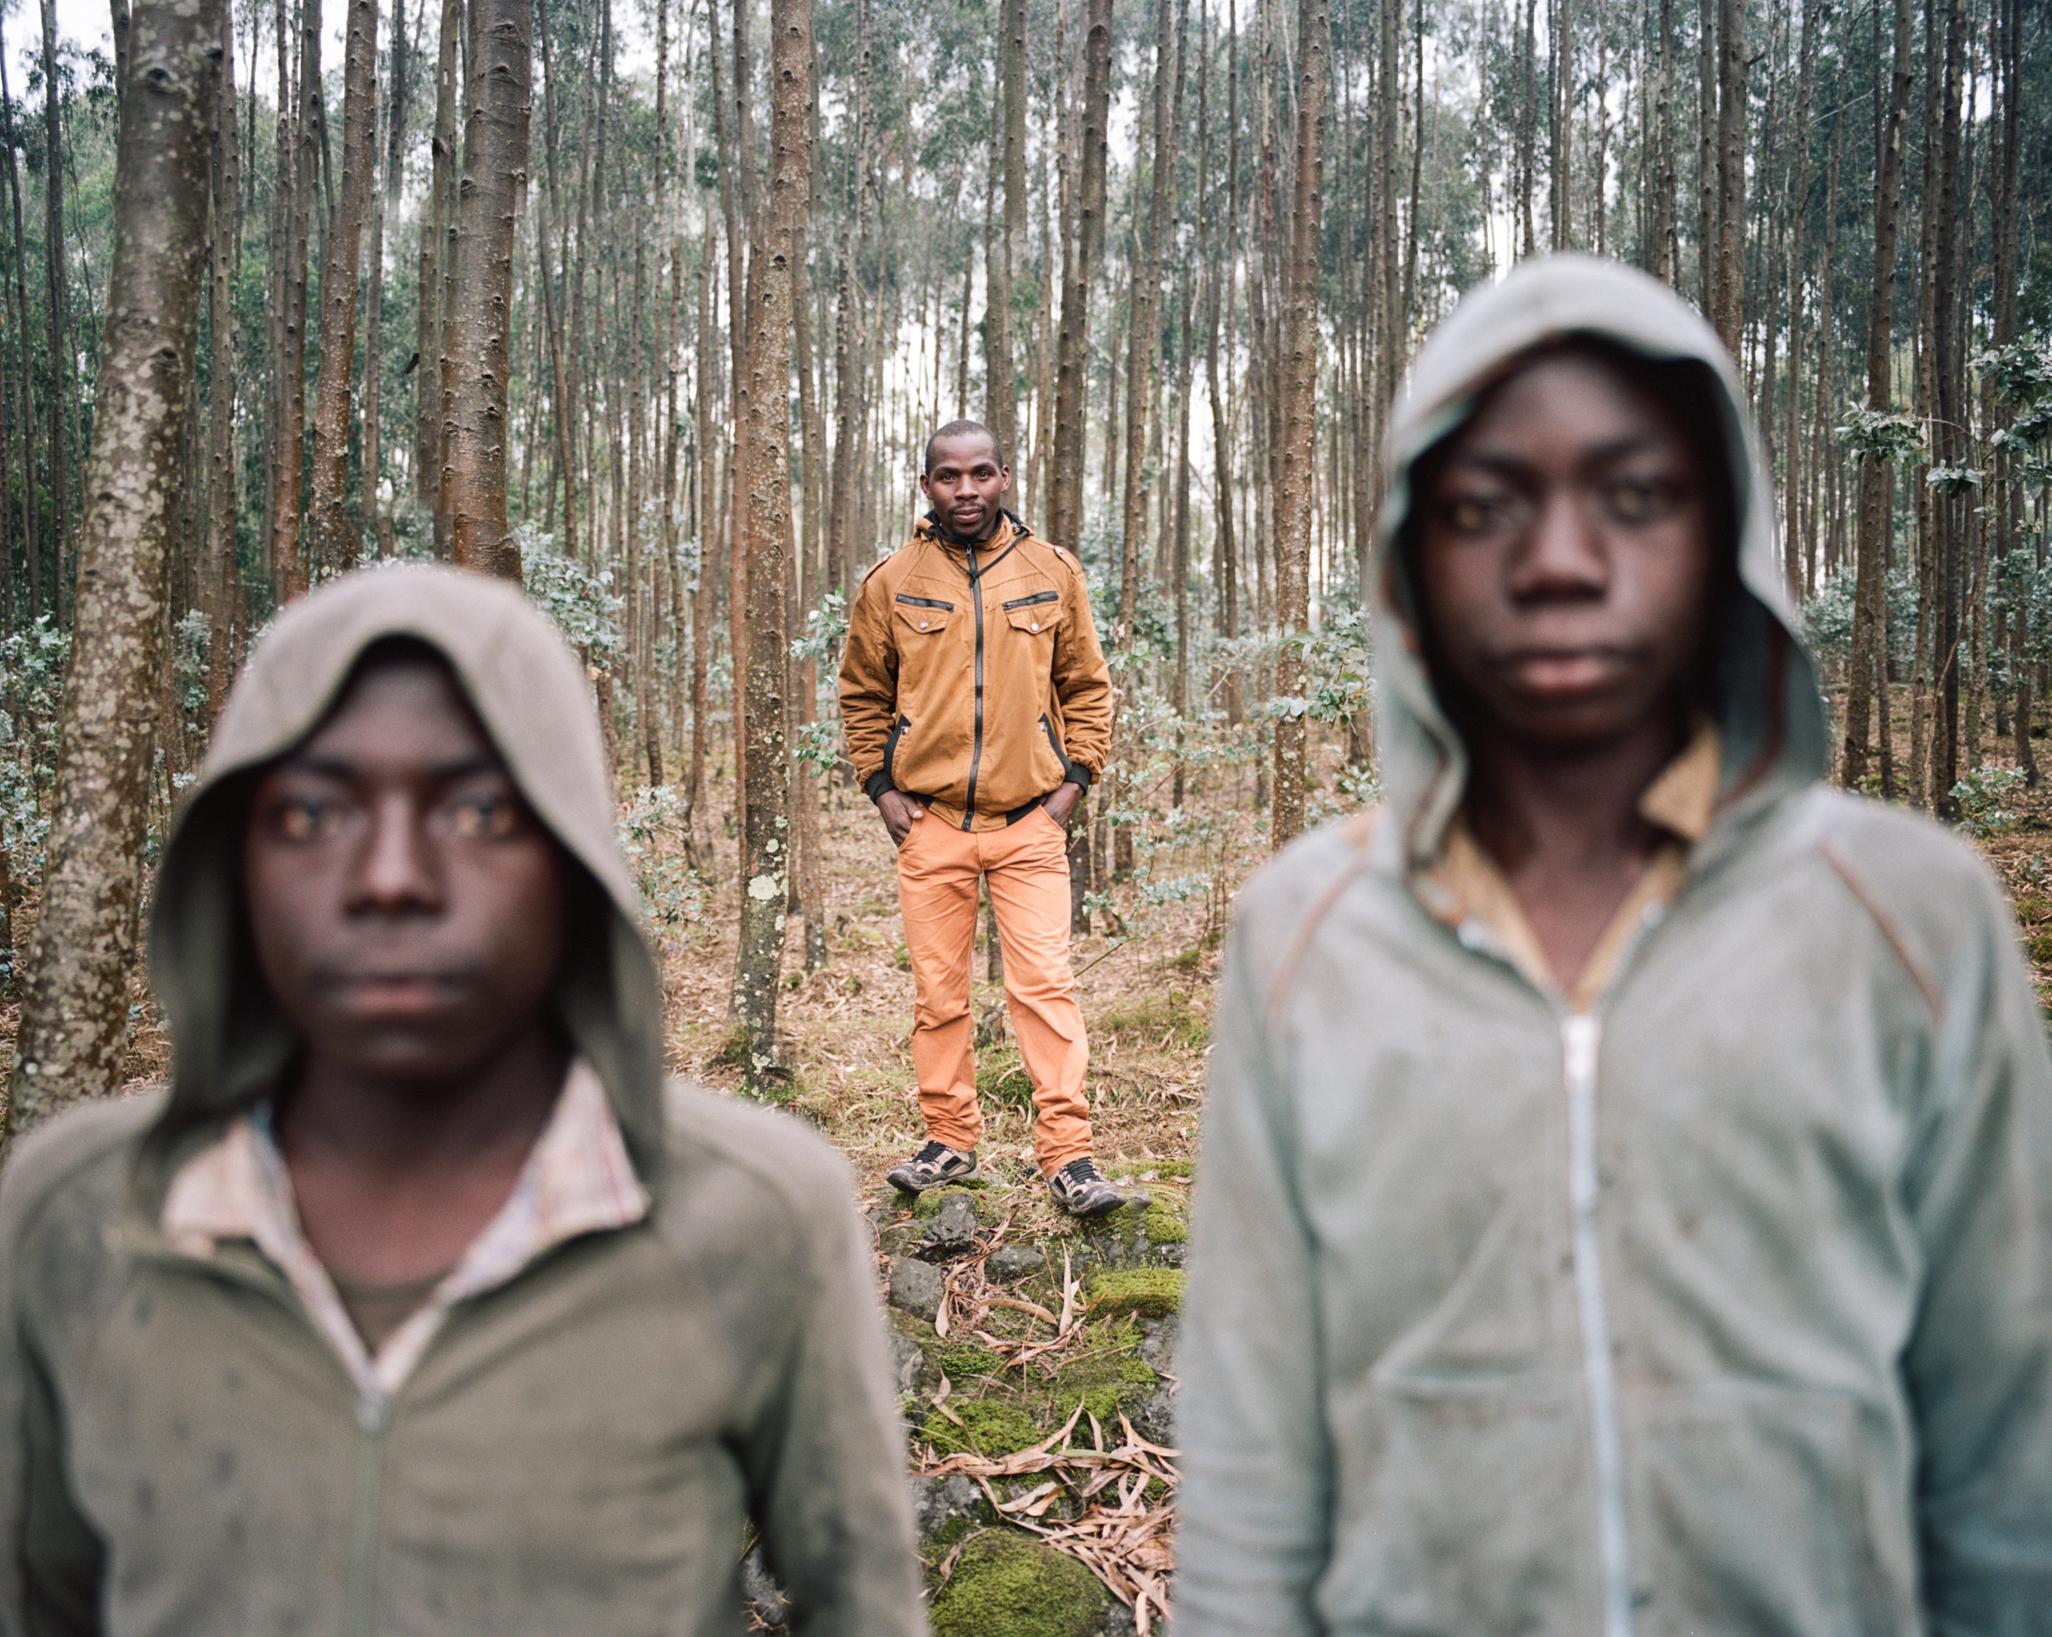 RO_20578_MTU_Rwanda_007-15bv2.jpg